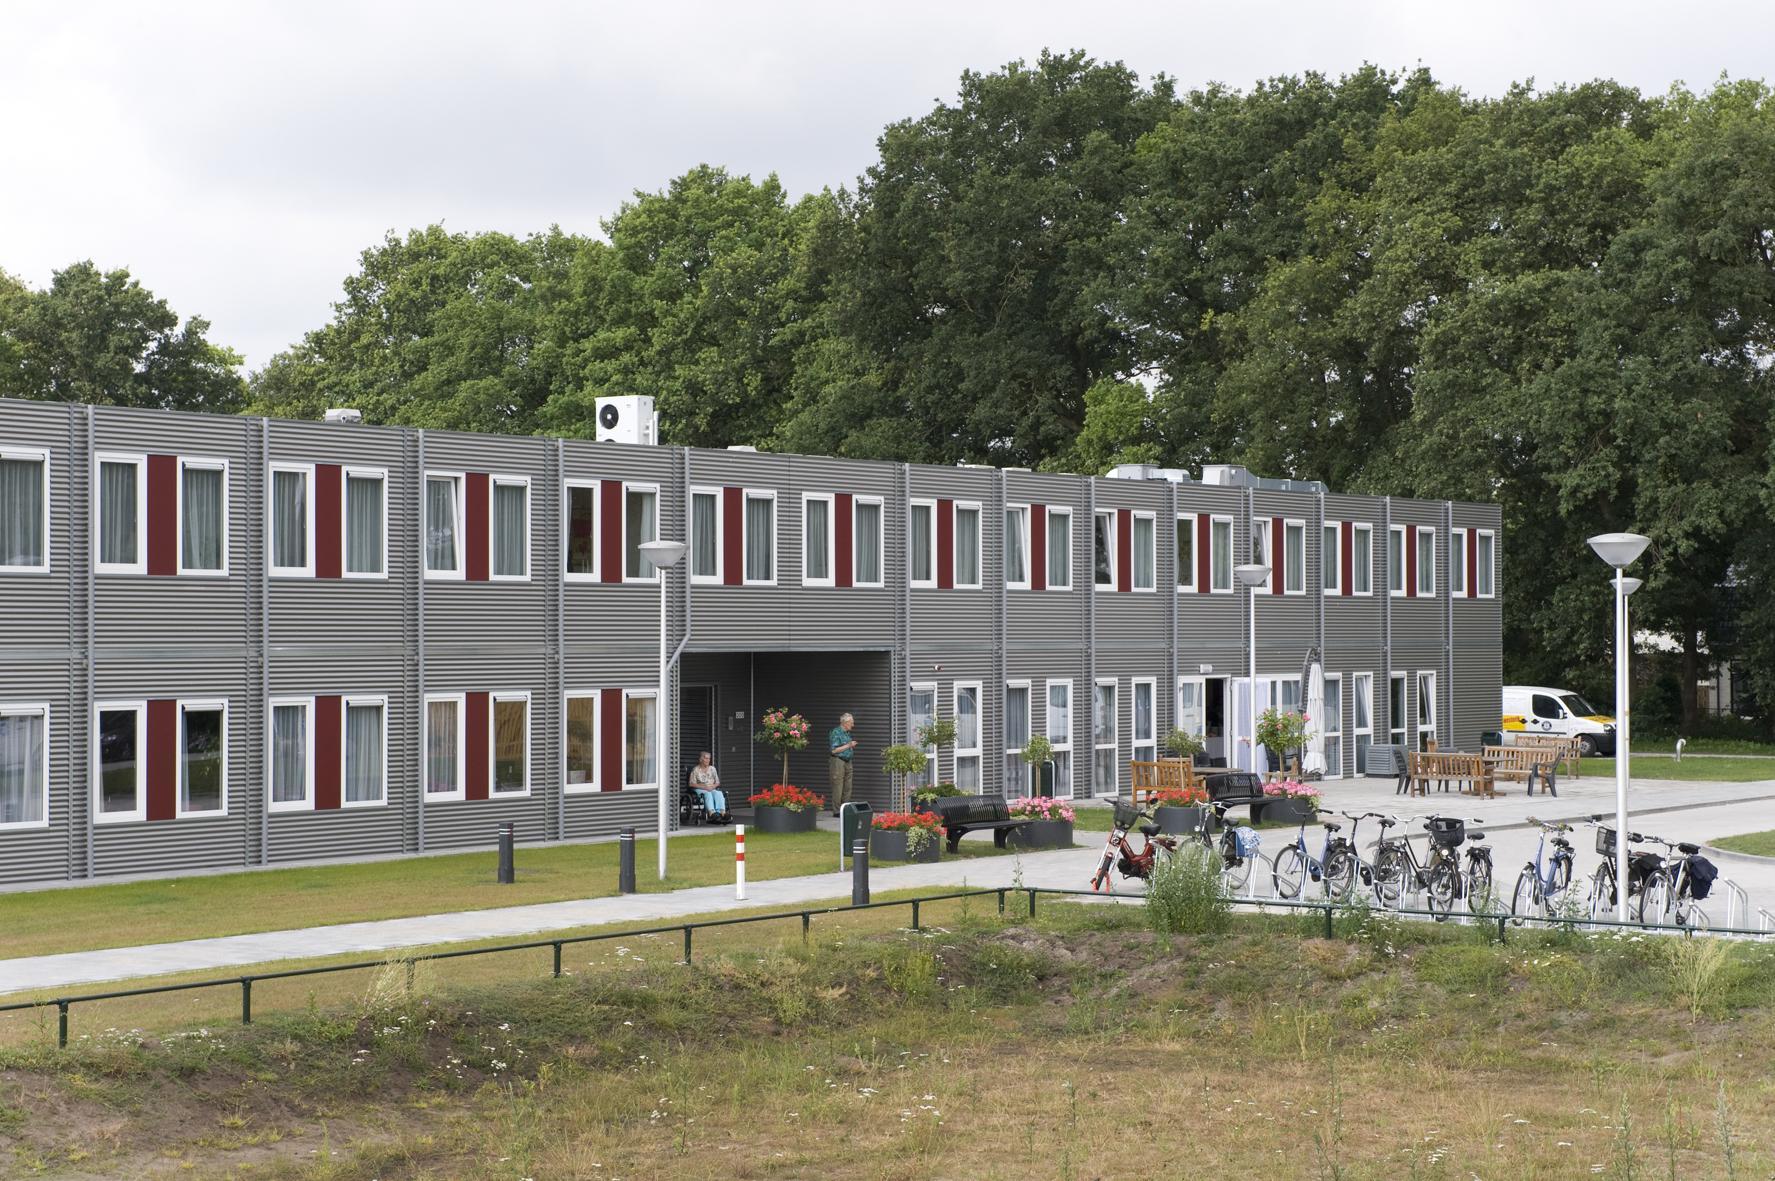 Magnushof in Schagen breidt naast de deur uit met 30 plekken voor herstel na ziekenhuisopname